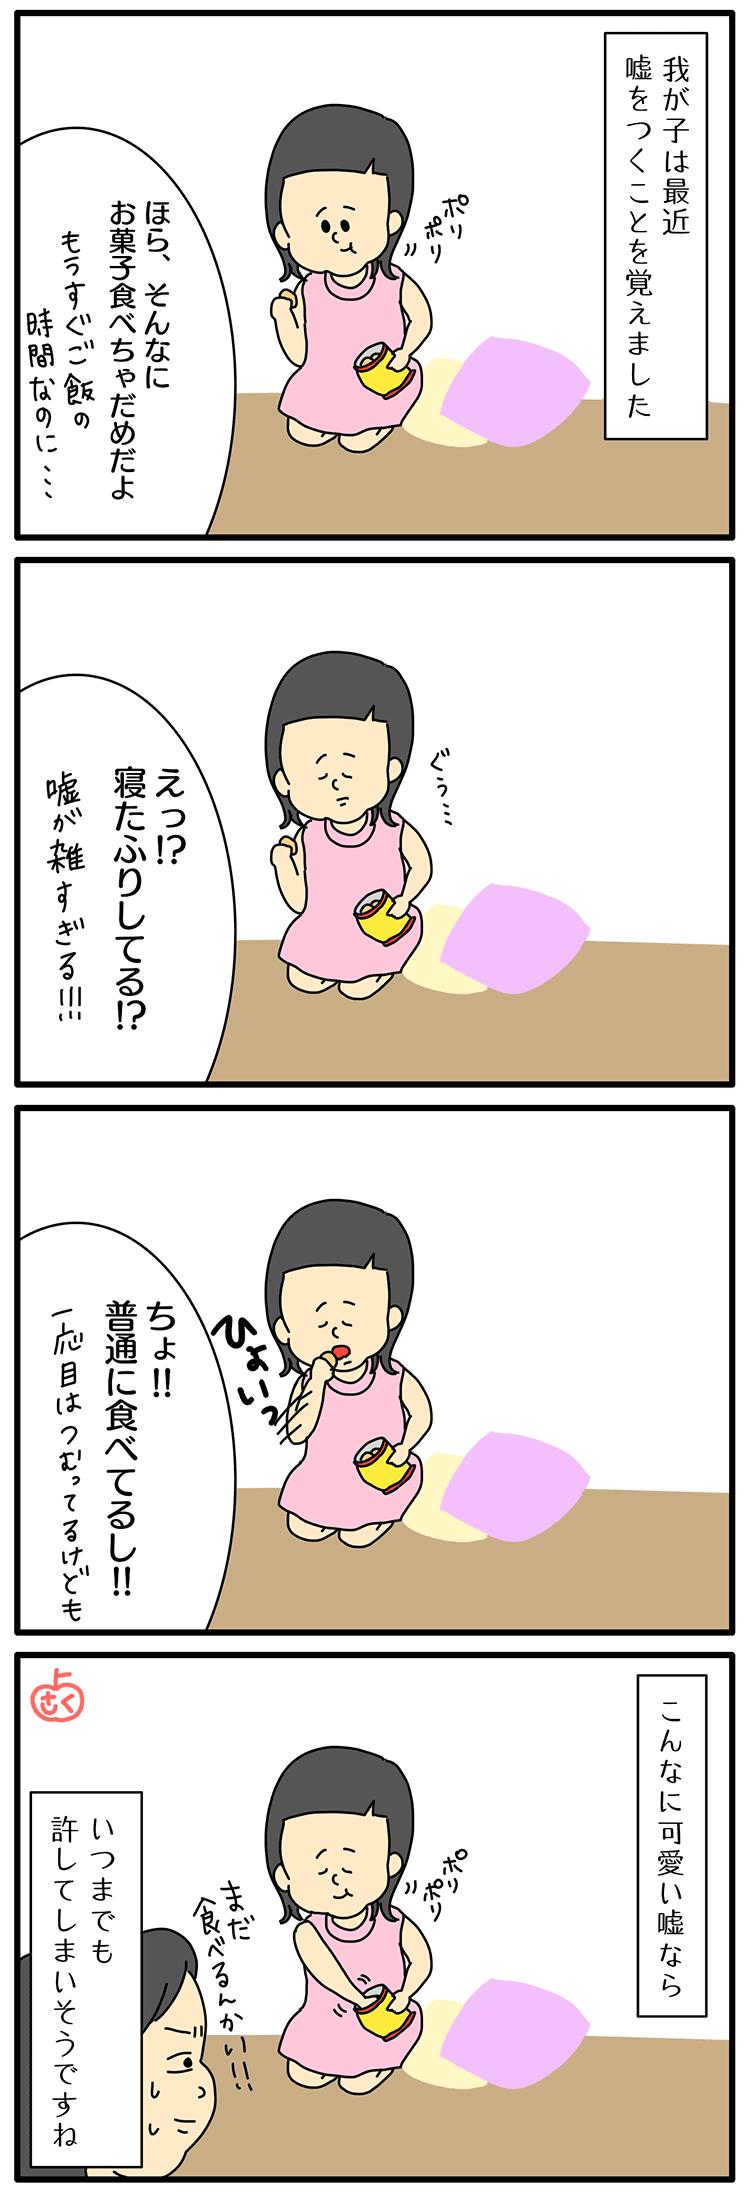 子供が嘘をつくことの永岡さくら(saku)さんの子育て4コマんが